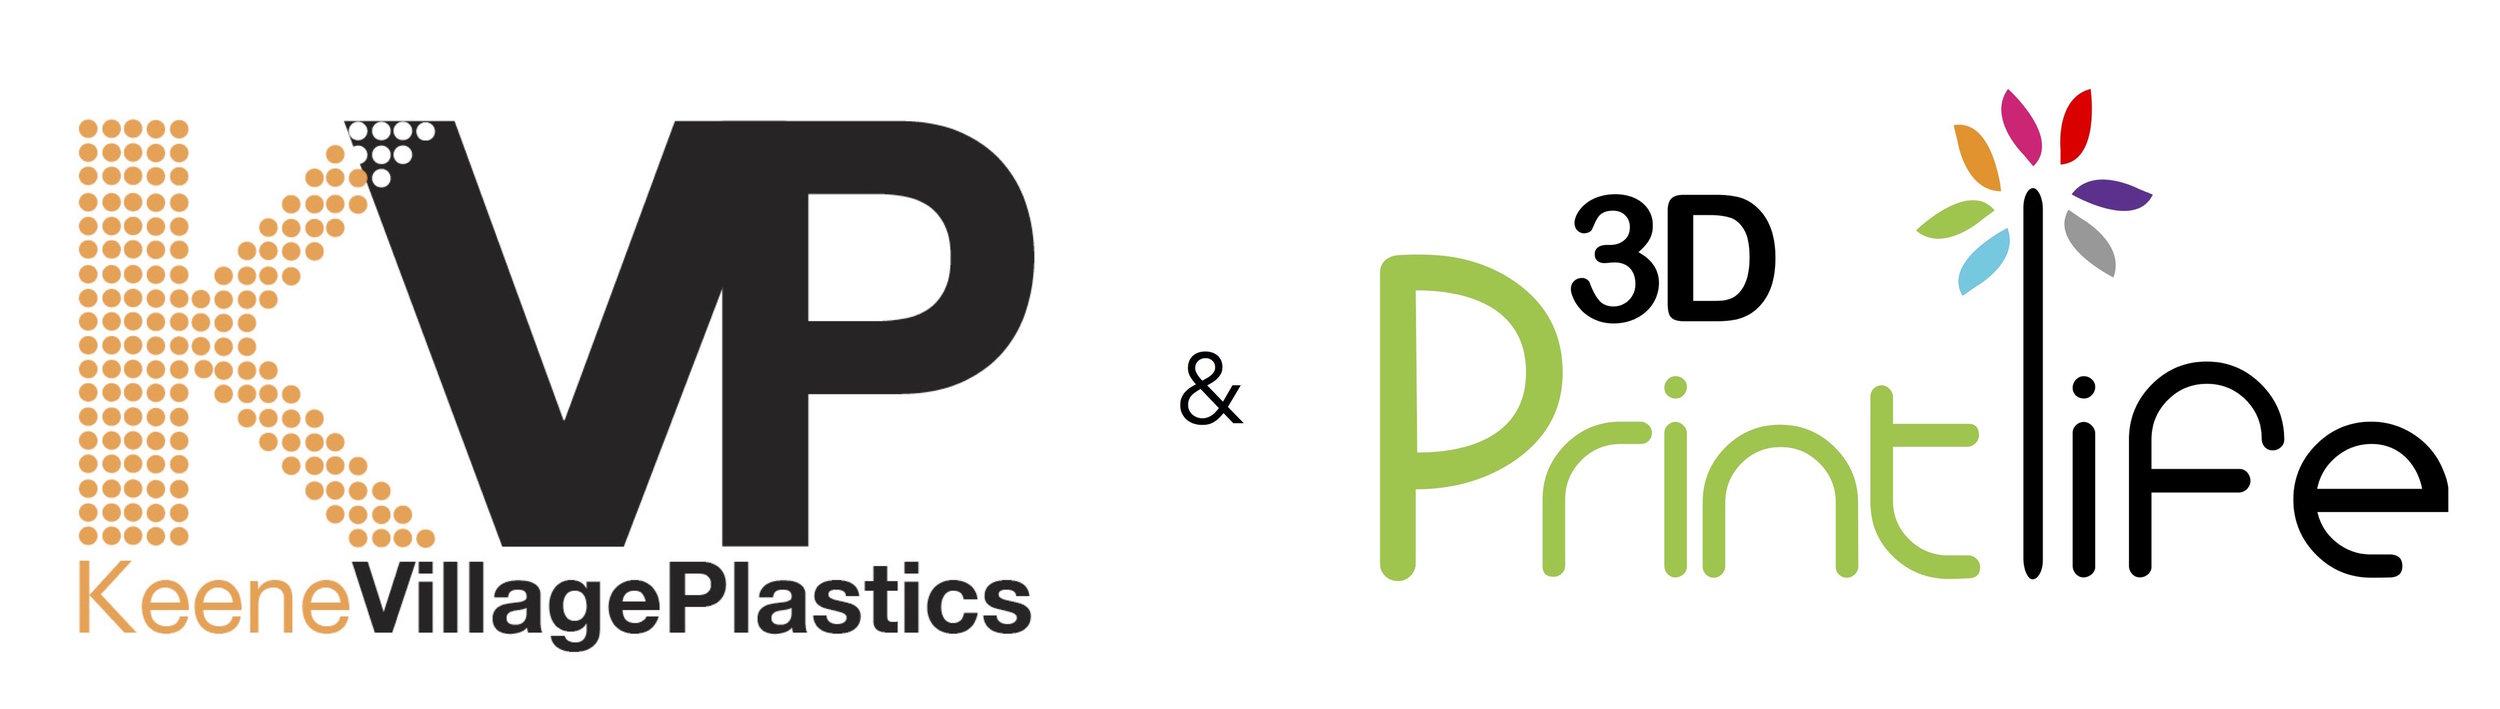 KVP & 3DPL.jpg